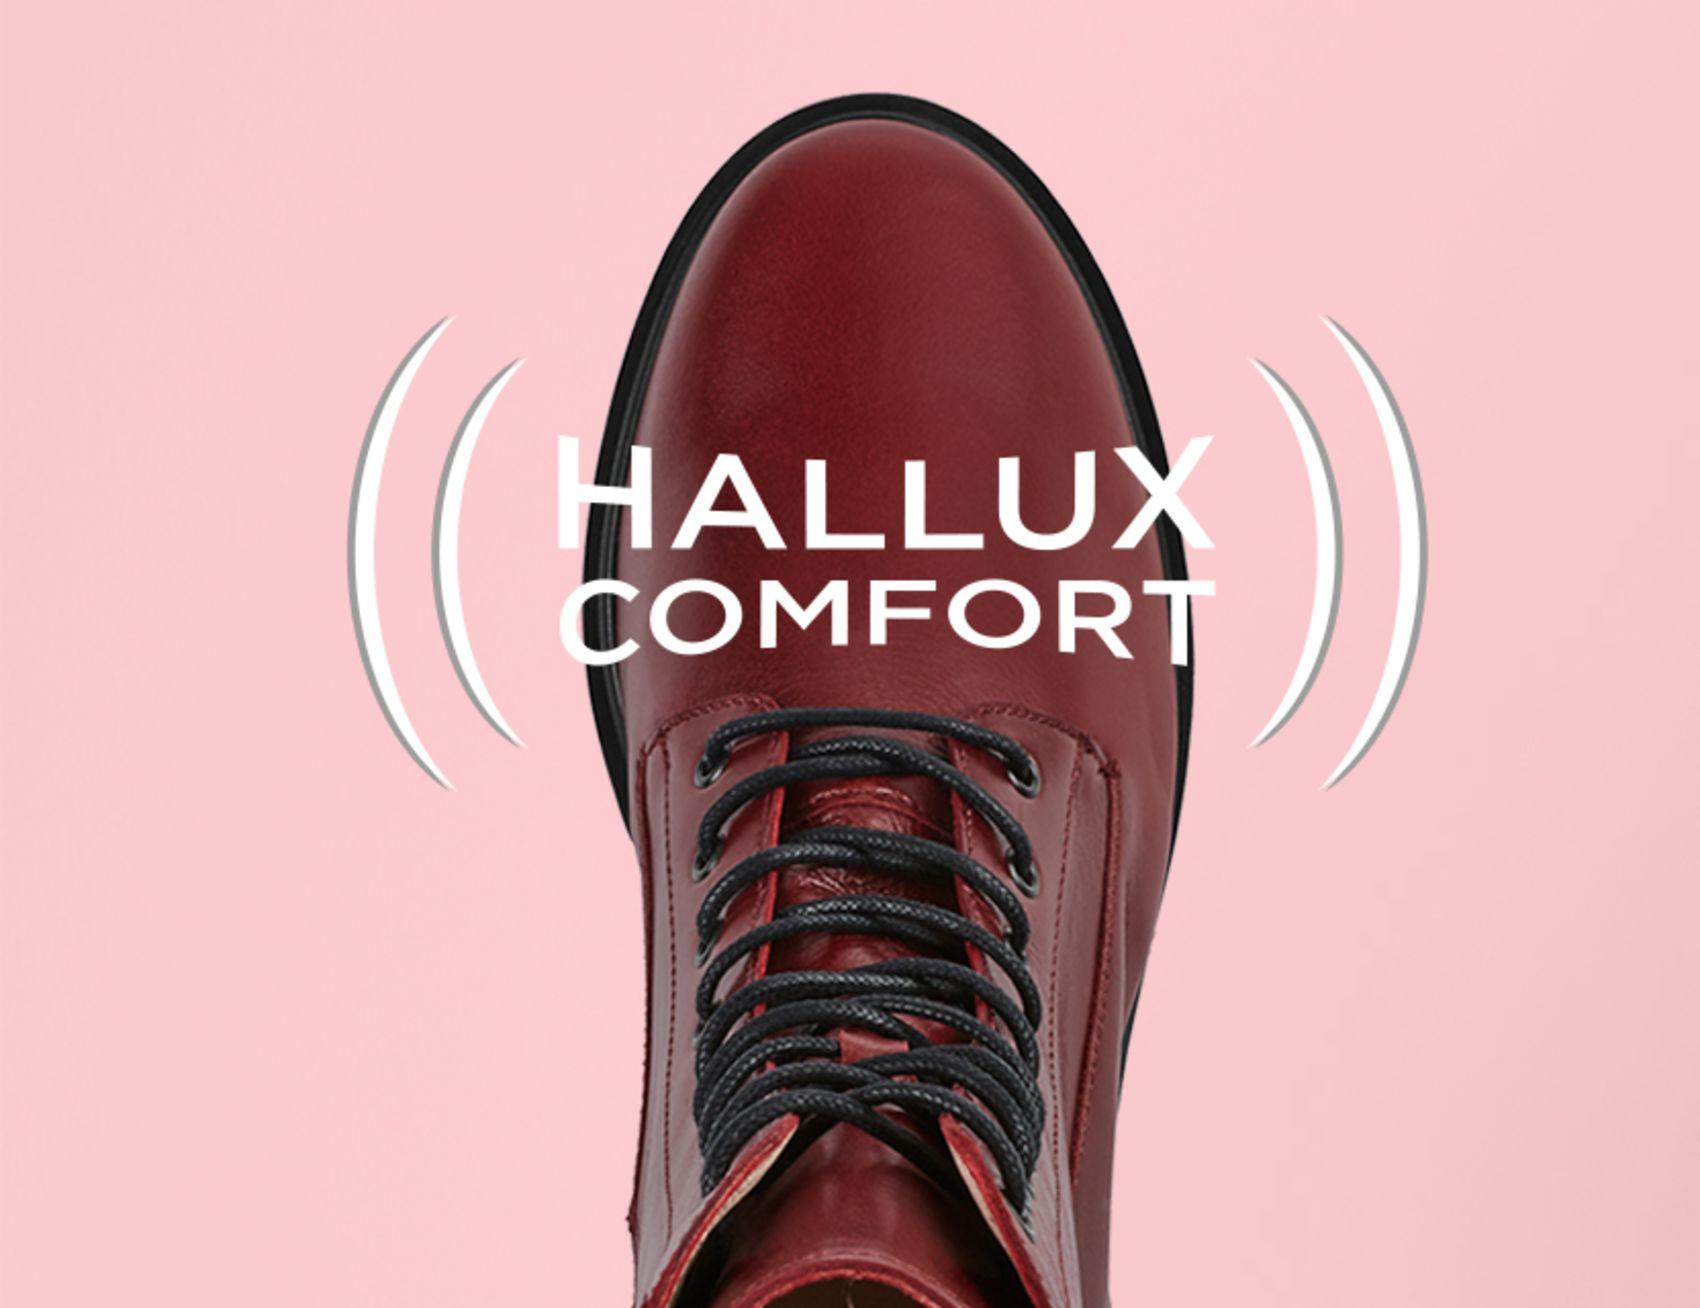   Hallux valgus Schuhe und Schuhe für empfindliche